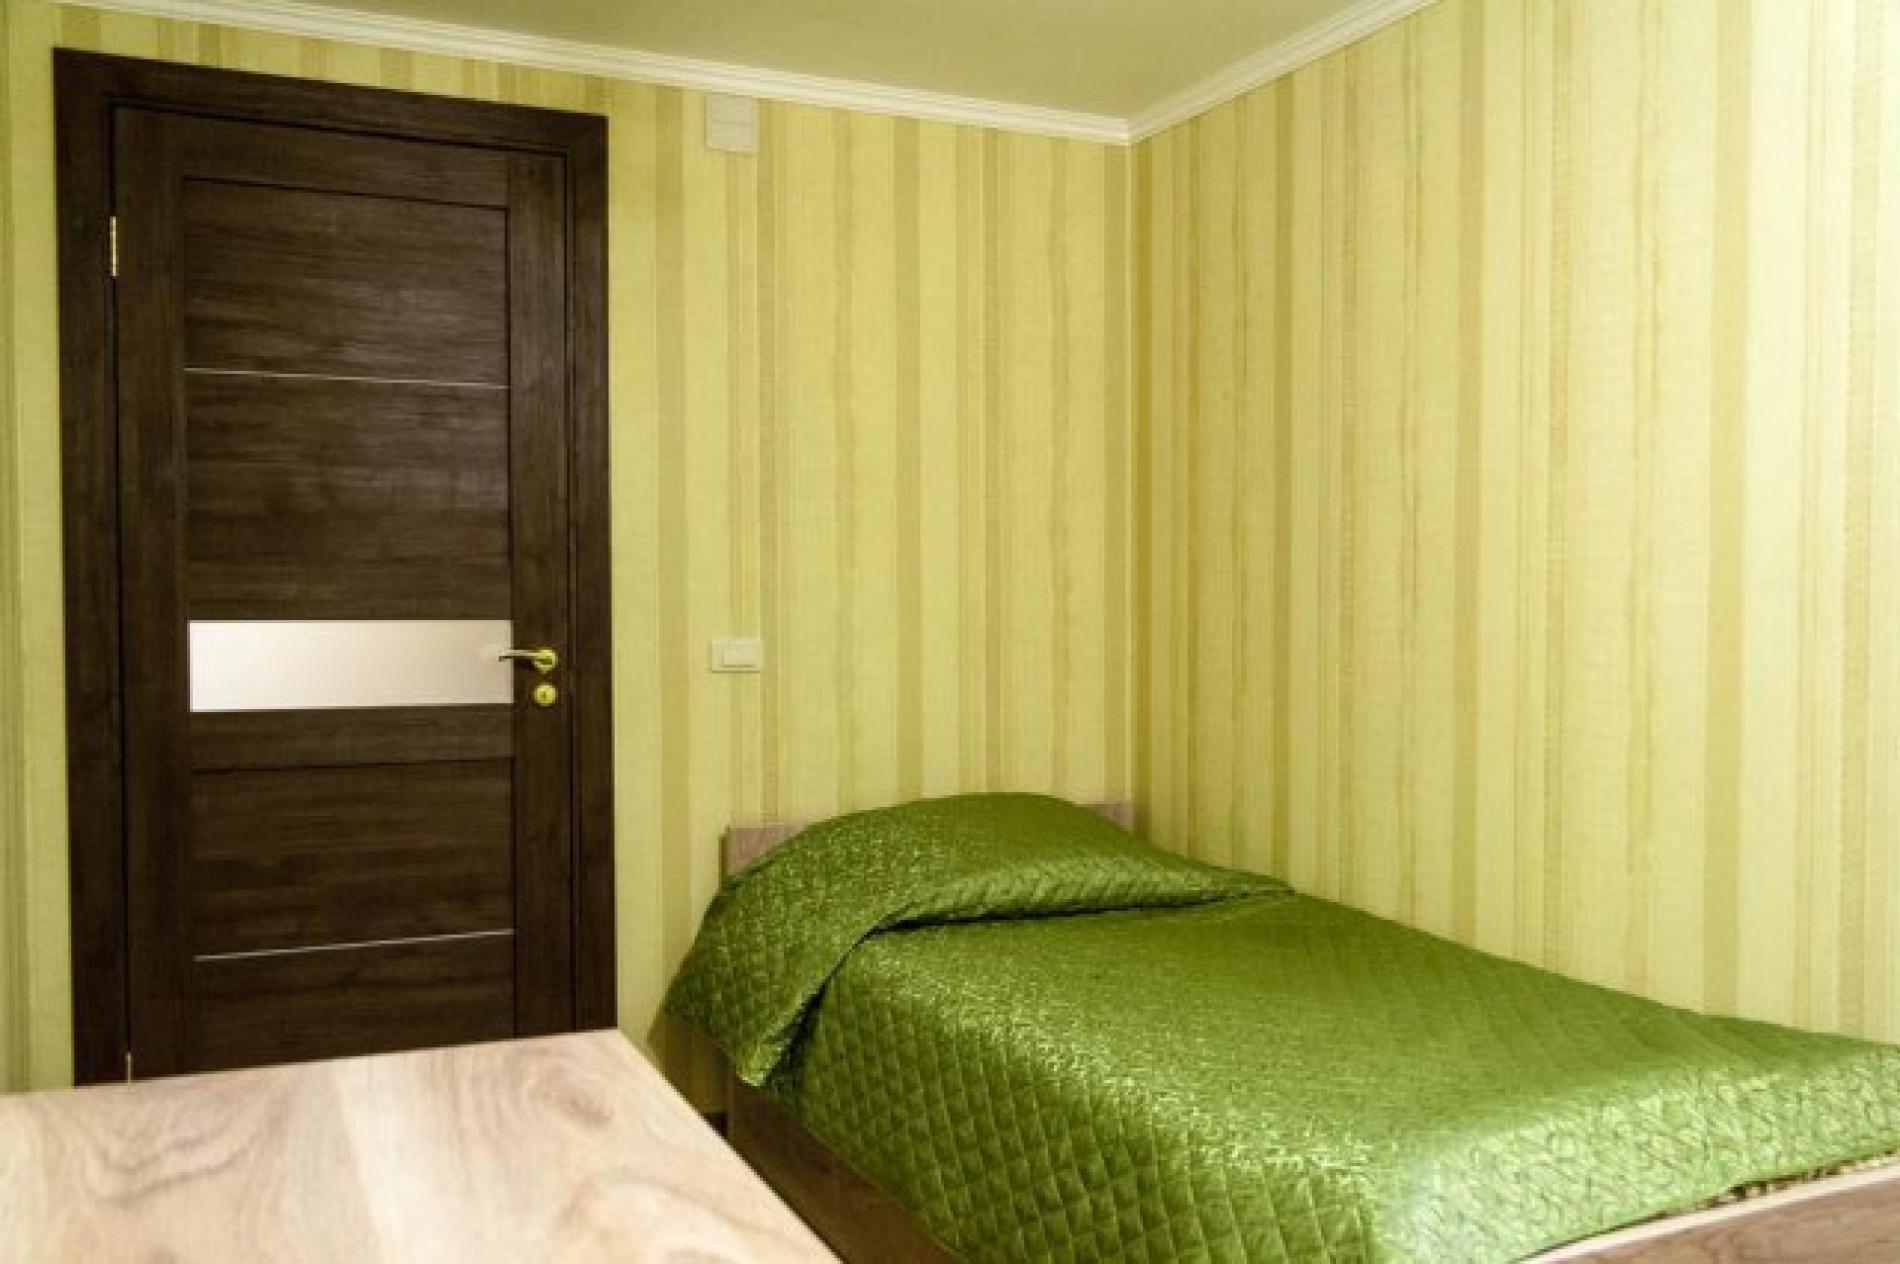 База отдыха «Стёпаново» Вологодская область 4-местный номер в Доме № 3, фото 5